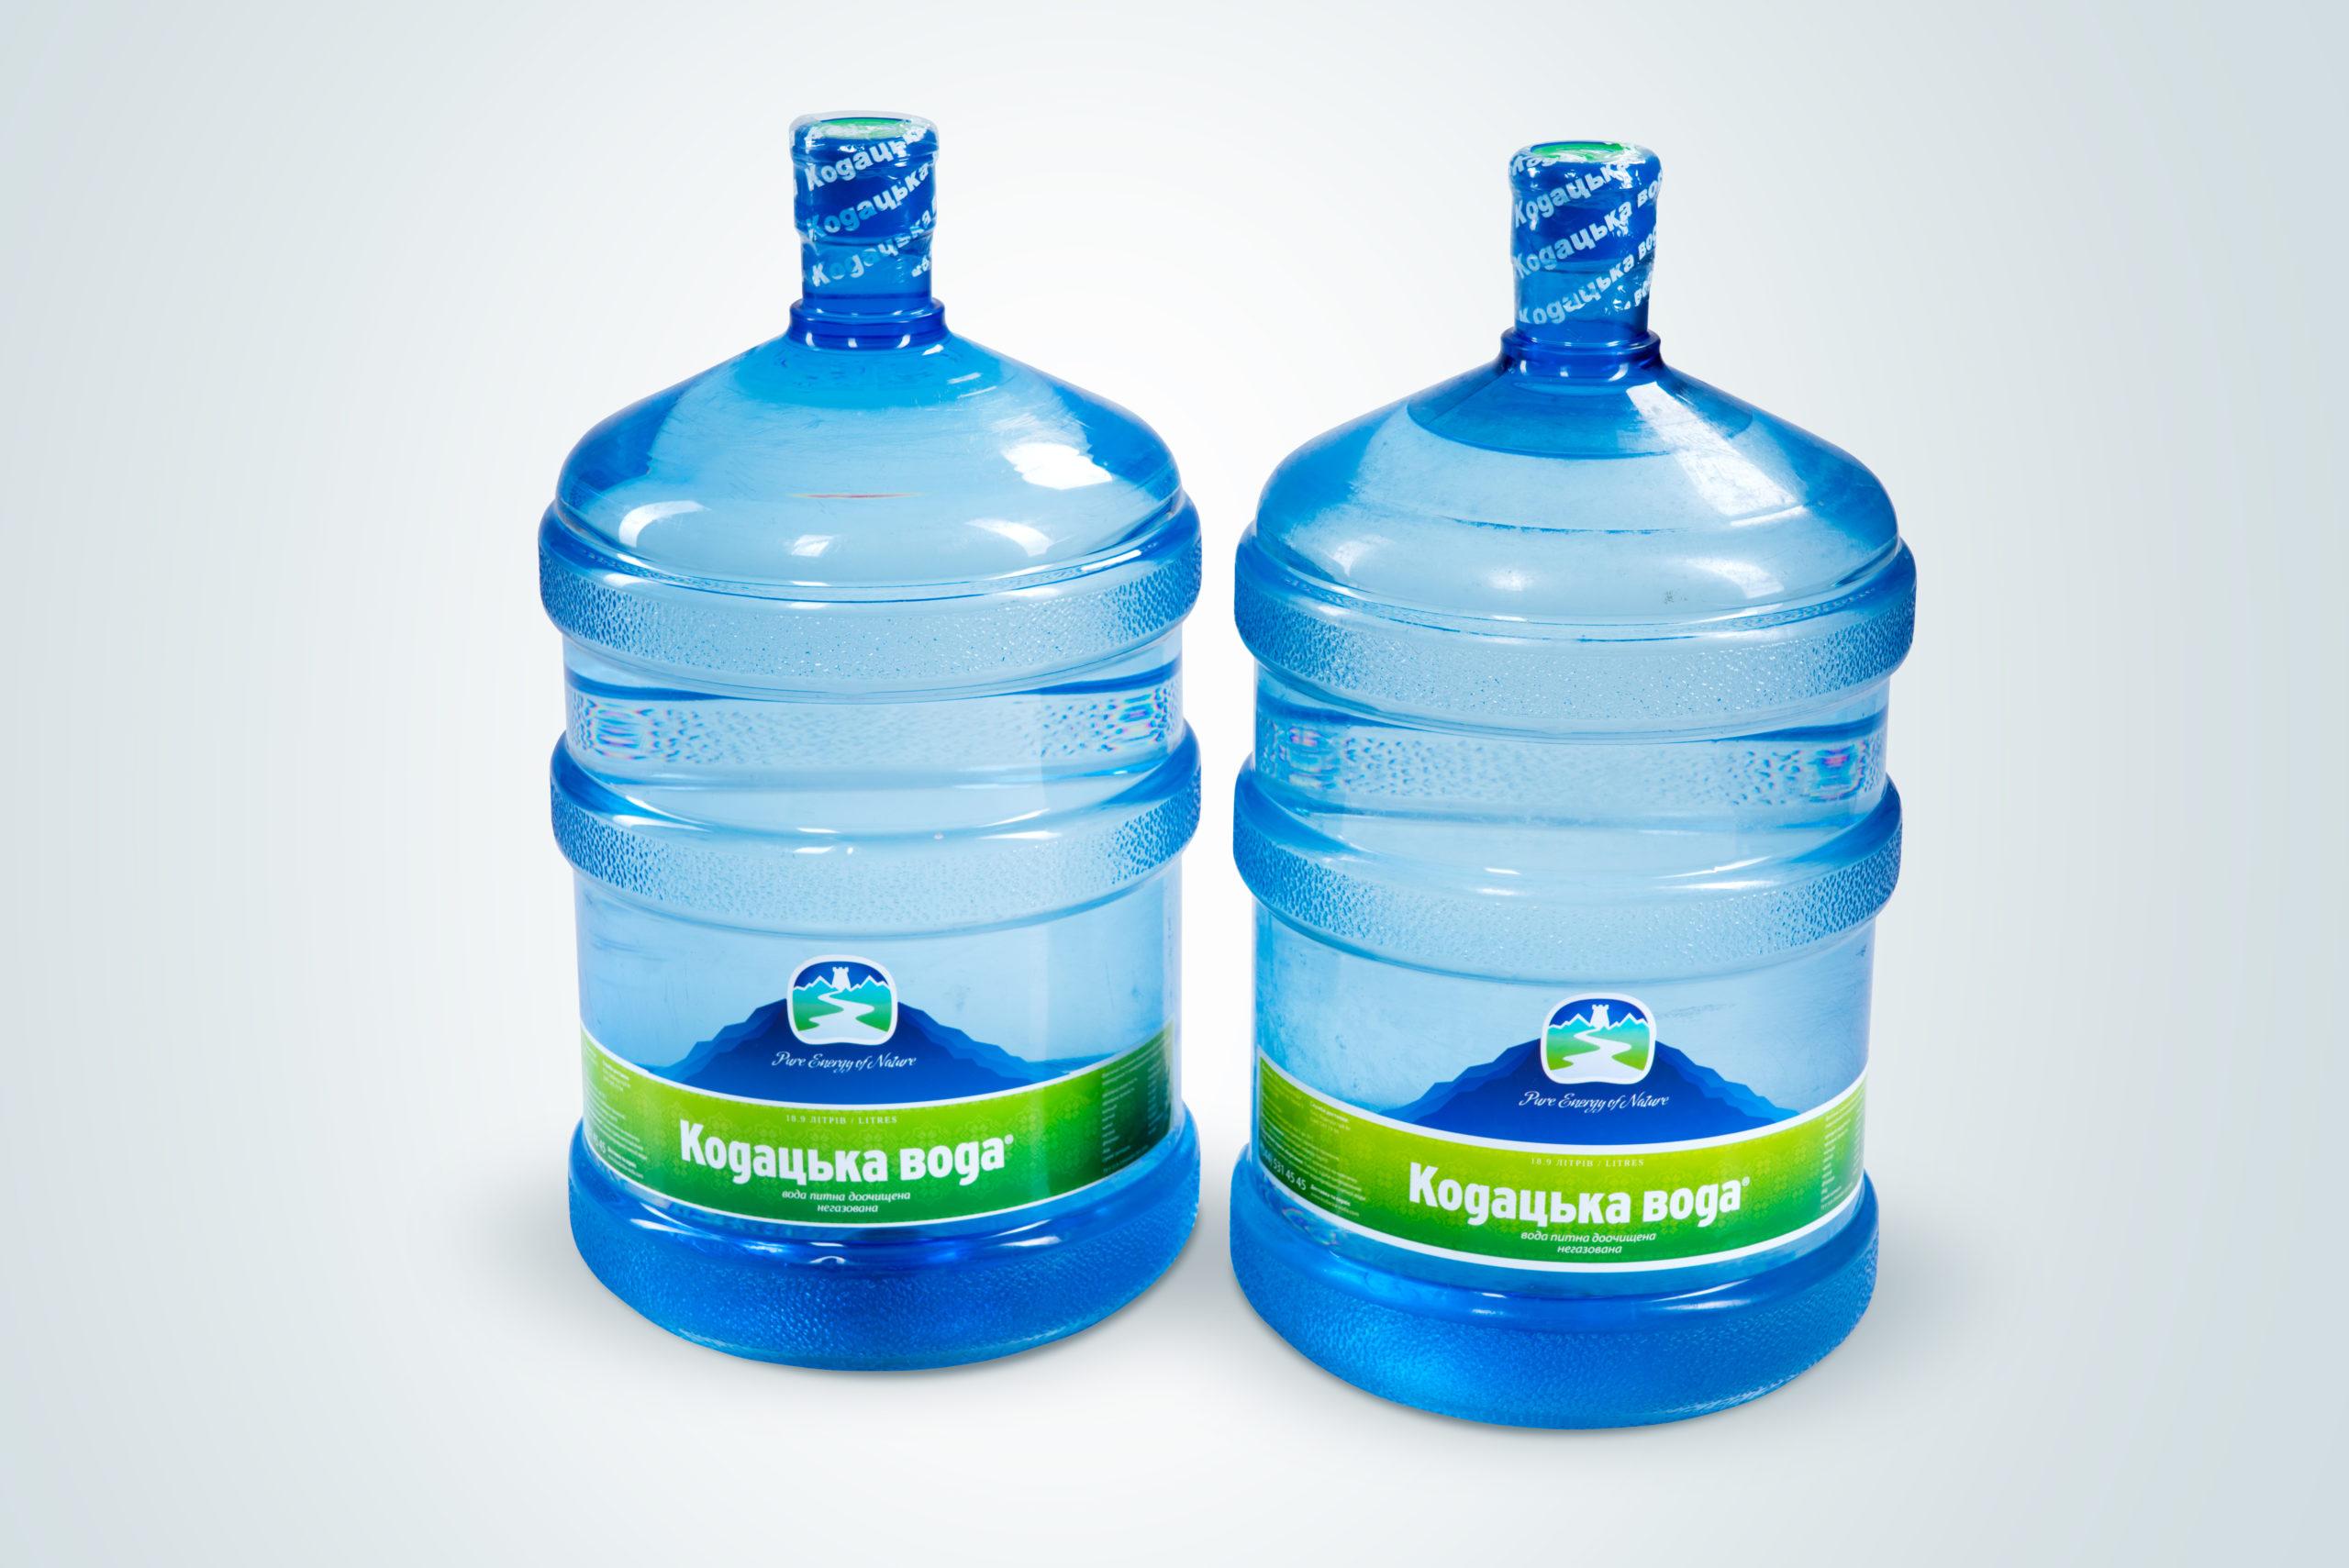 Доставка питної води в місті Київ - ТД Кодацька вода